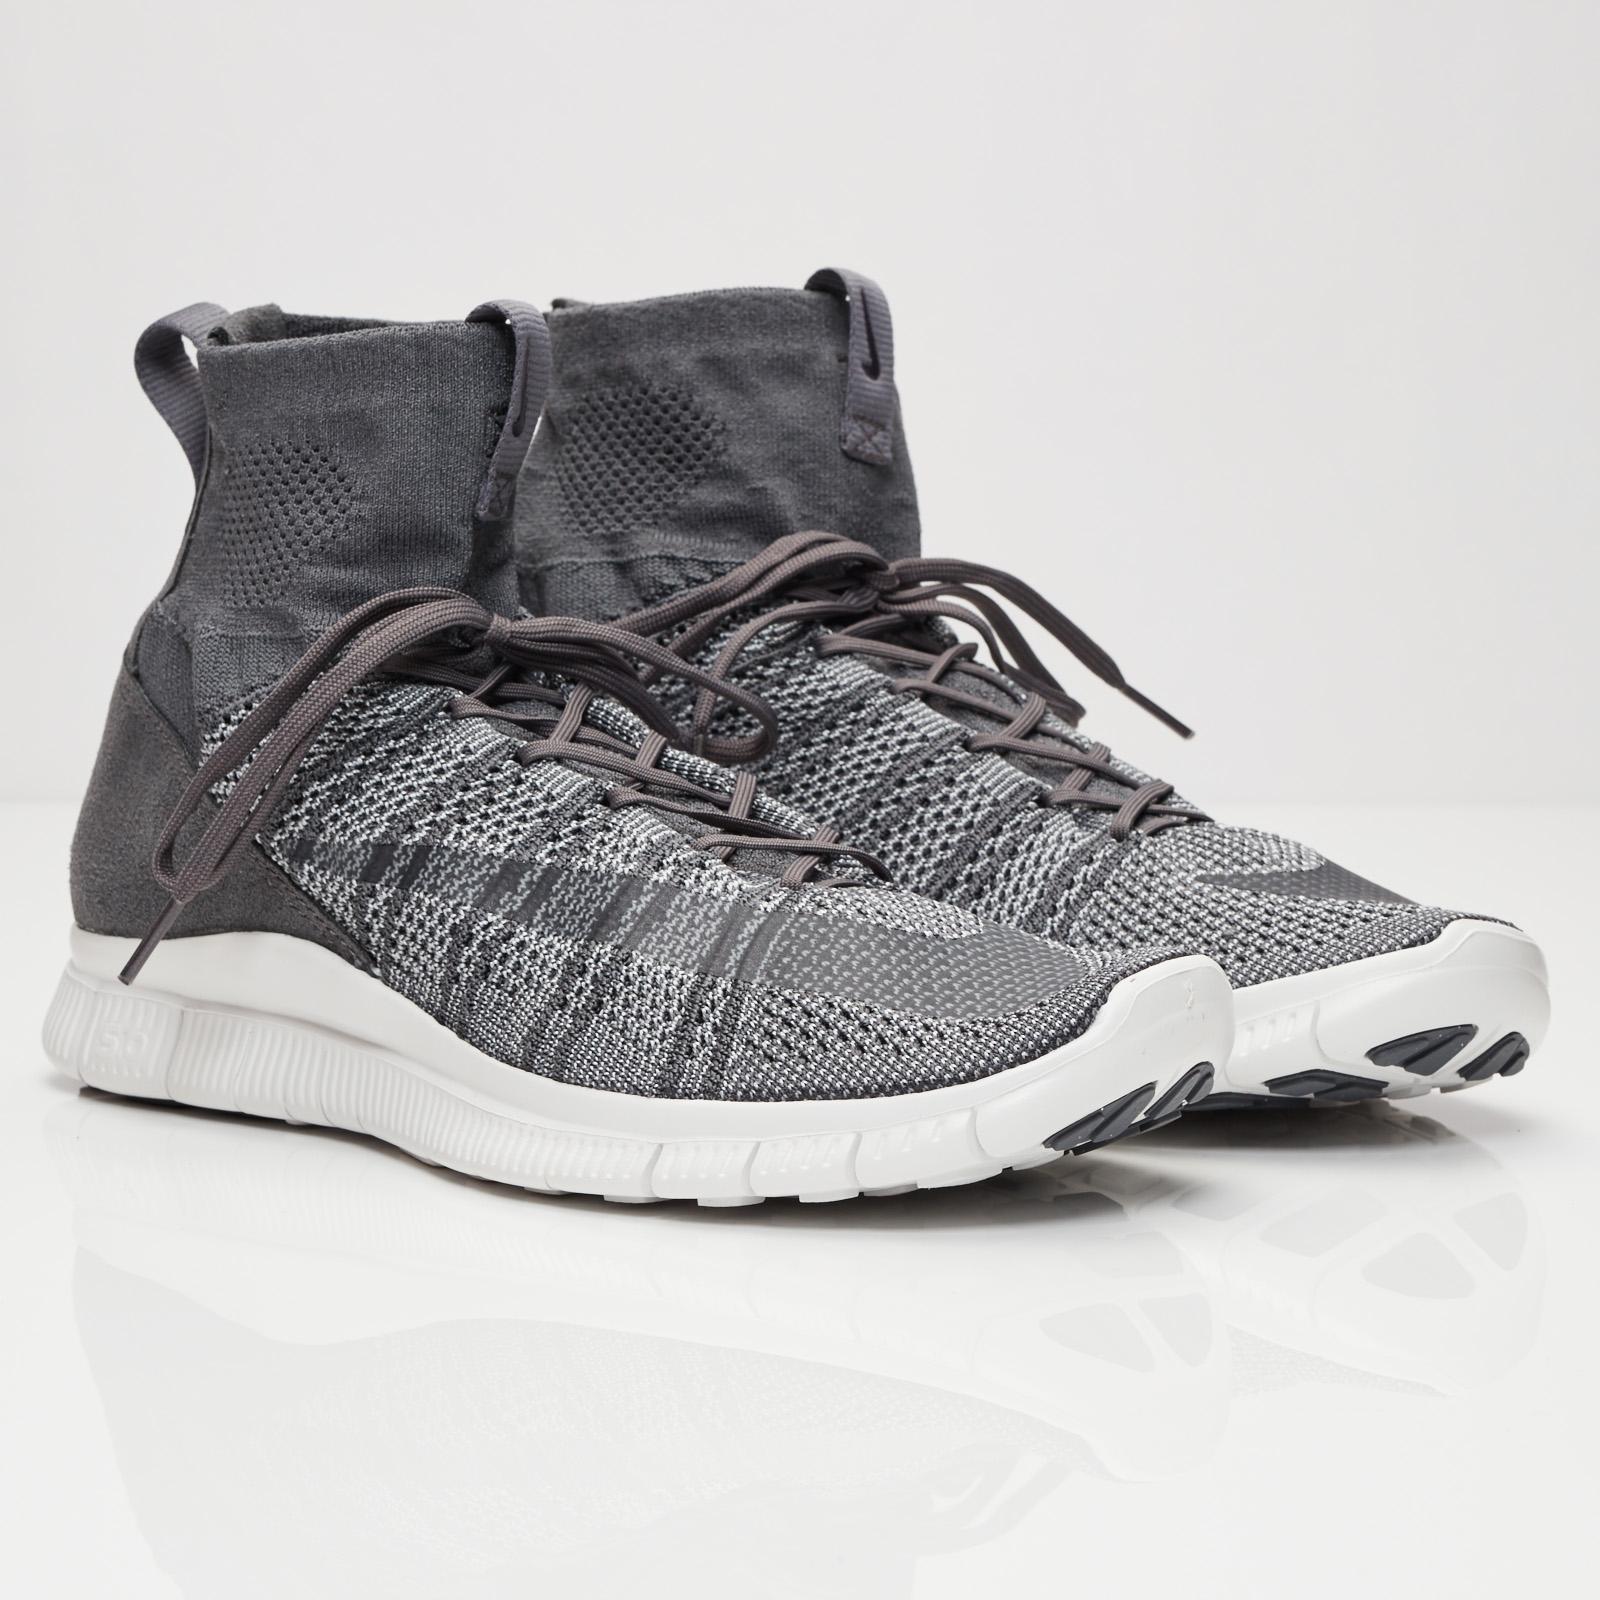 1d7b00d3cda1 Nike Free Flyknit Mercurial - 667978-009 - Sneakersnstuff